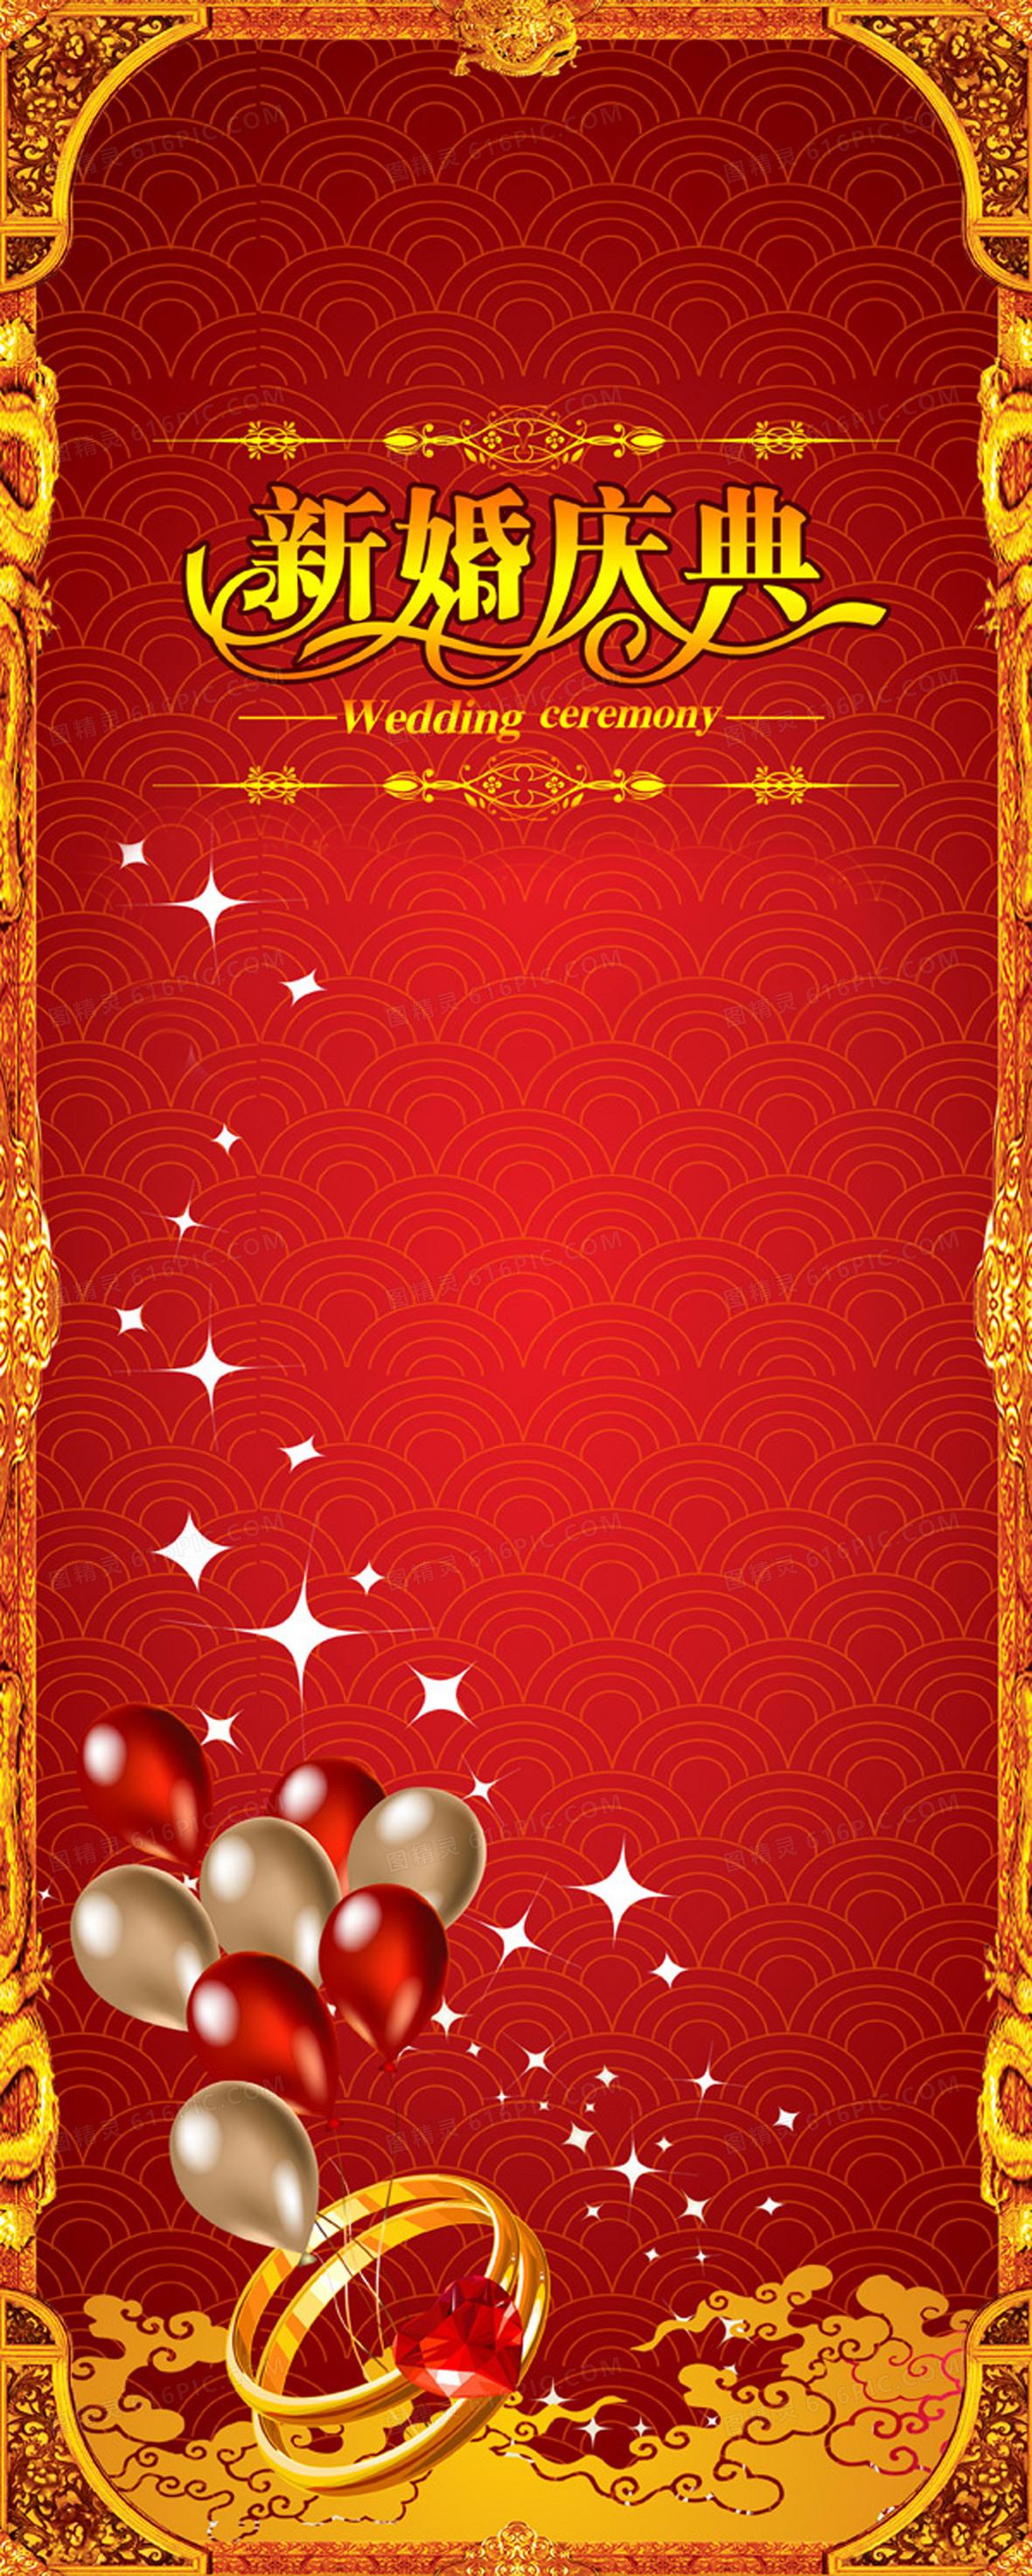 红色结婚庆典展架海报背景素材